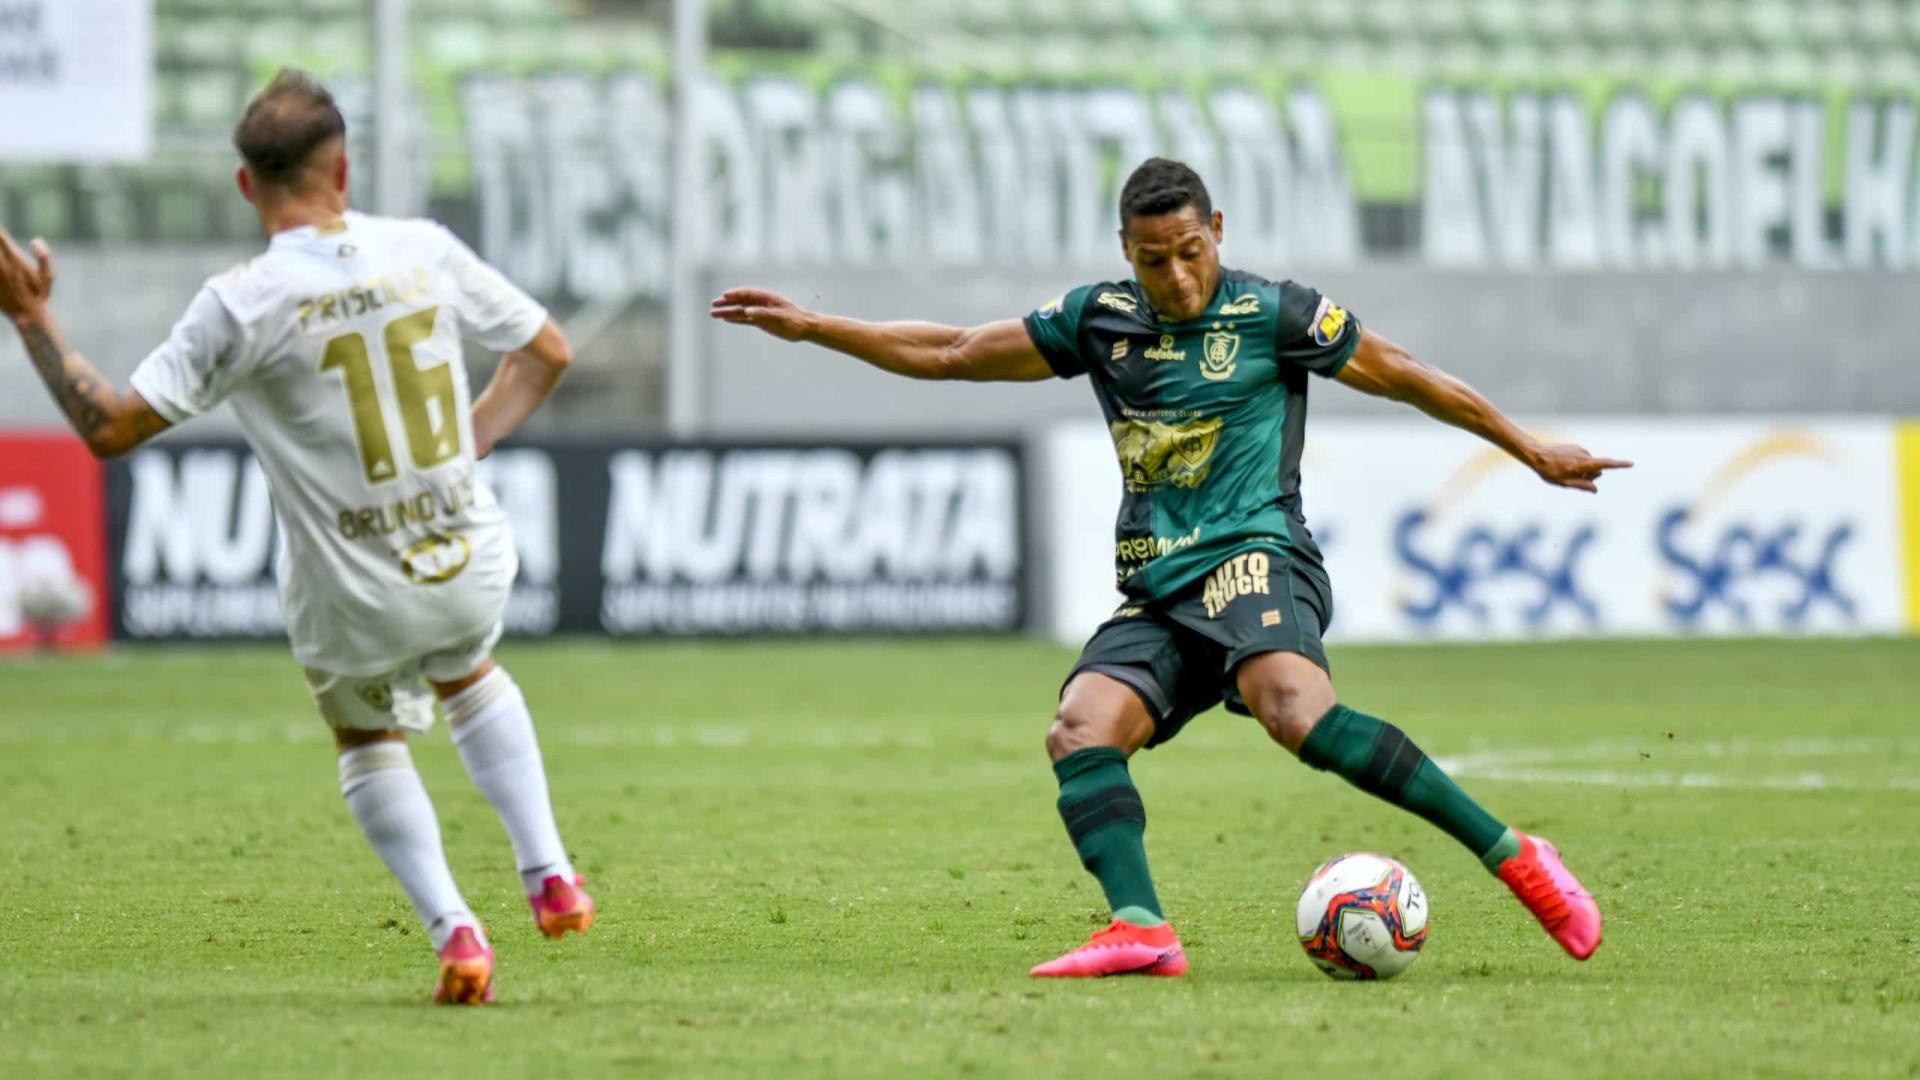 Com 2 gols de pênalti, América vence Cruzeiro de novo e vai à final do Mineiro